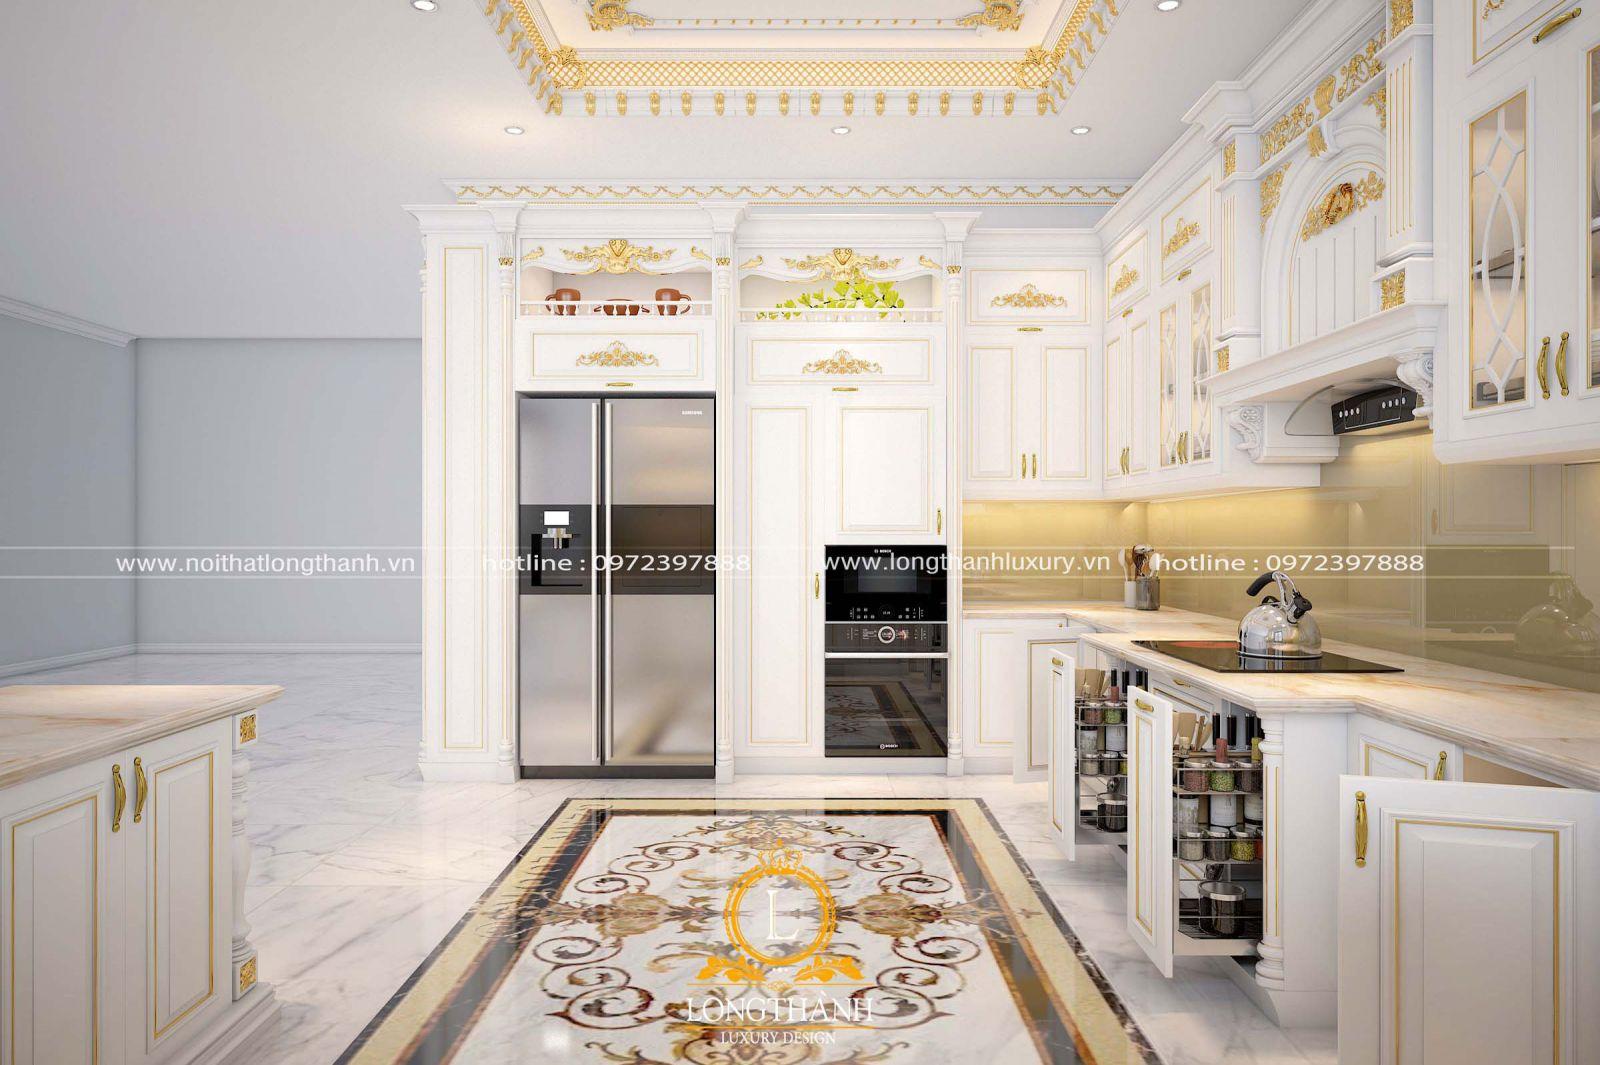 Thiết kế tủ bếp với phụ kiện đa năng và tiện lợi